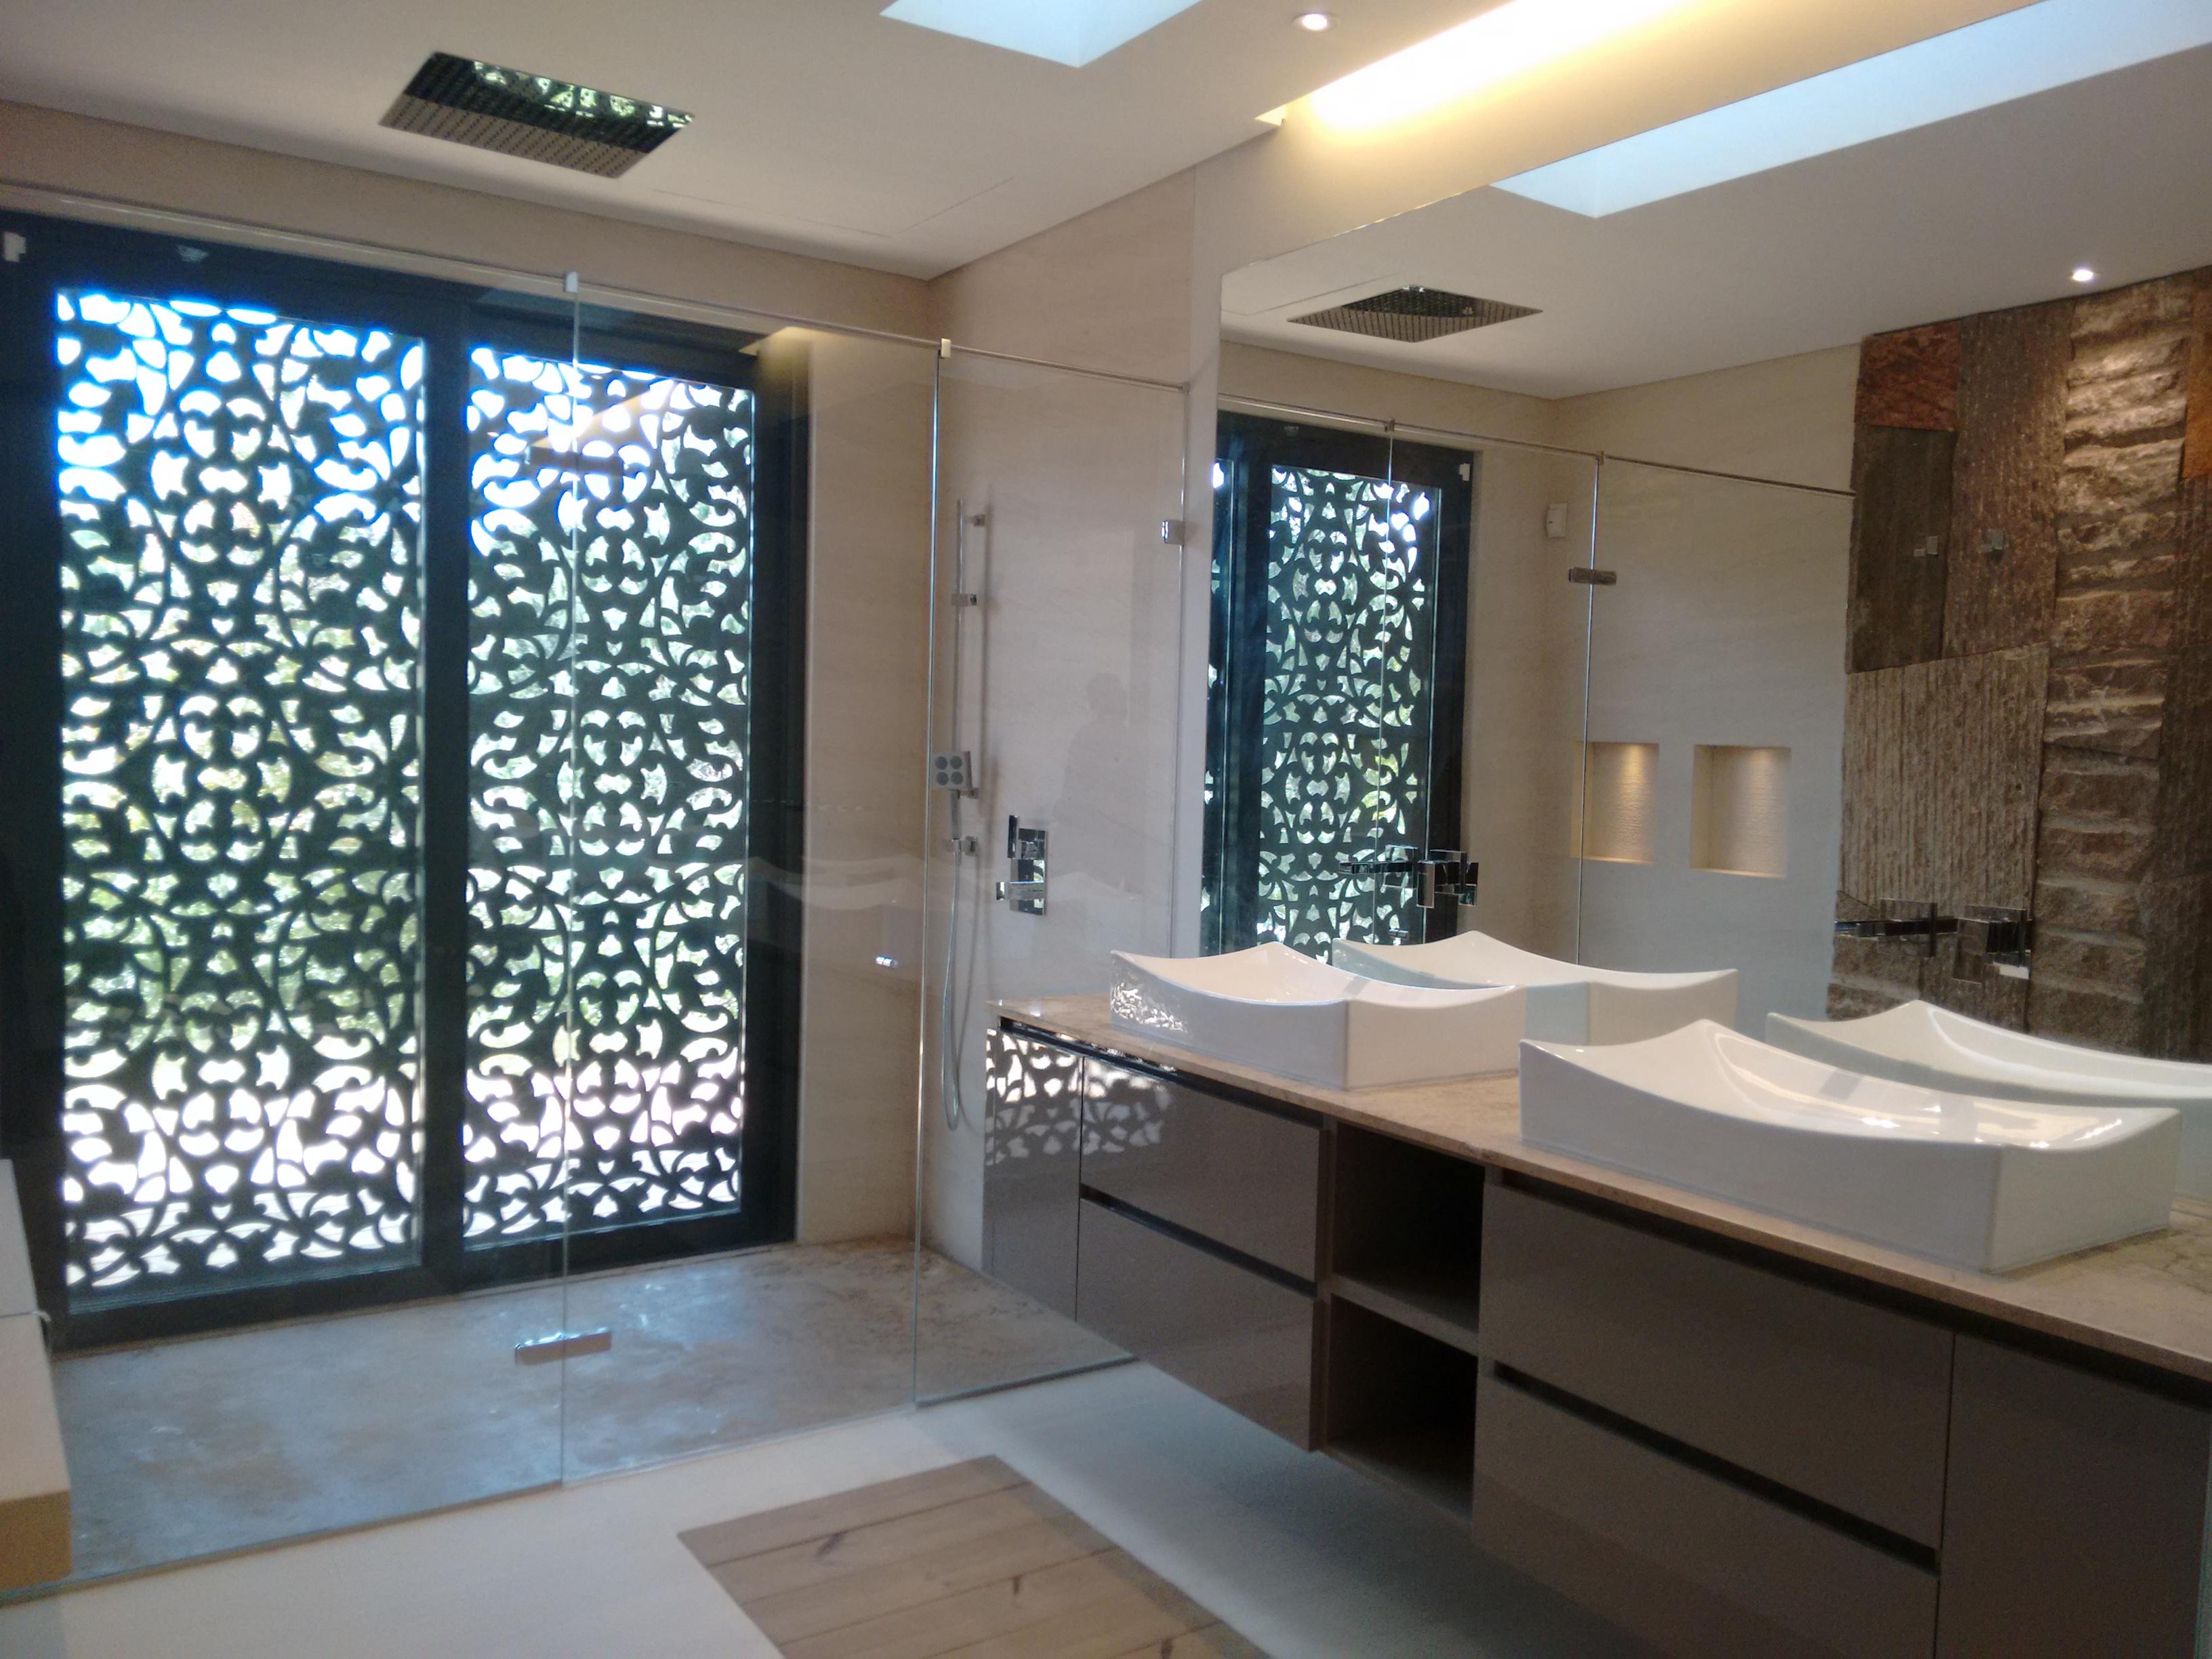 Baño con piedra de marmol rústico